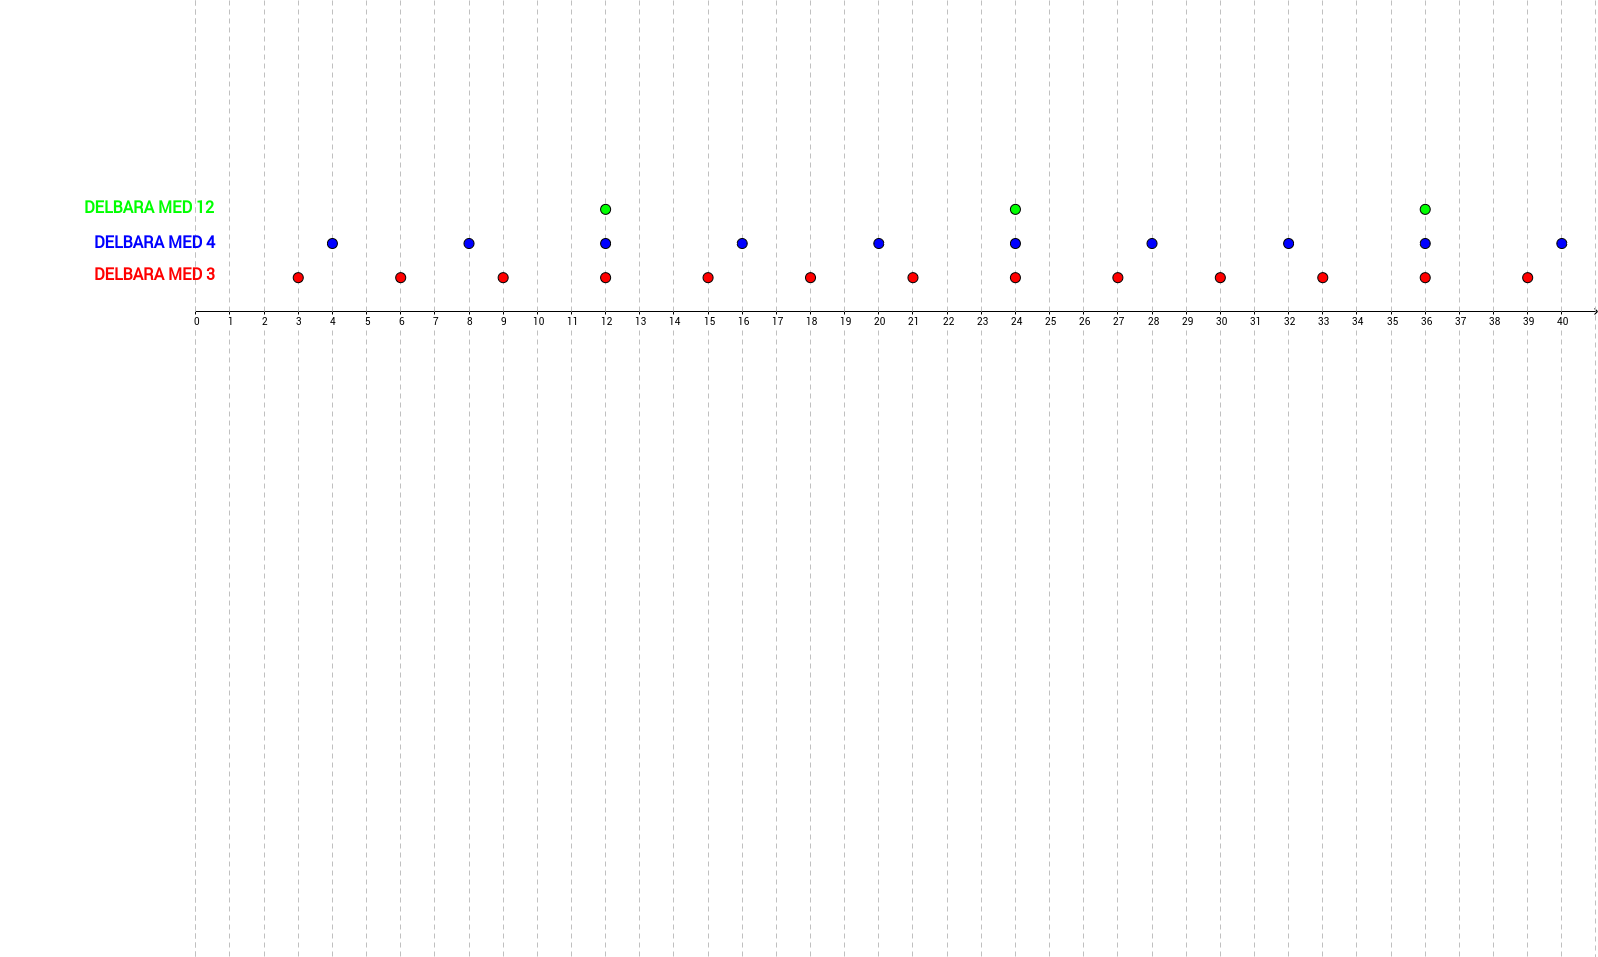 Olika indelningar av naturliga tal med avseende på delbarhet